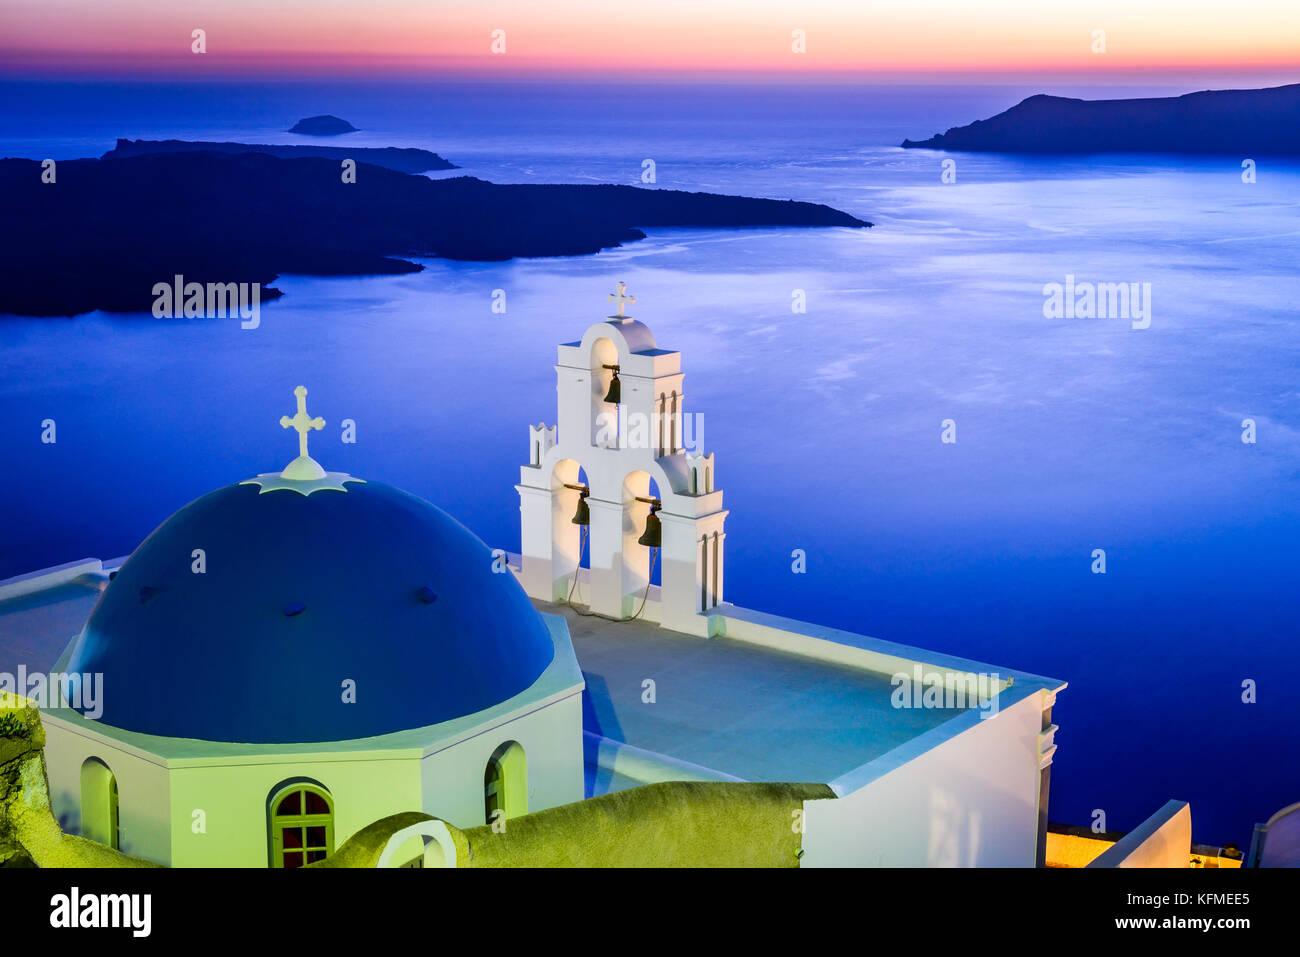 Santorin, Grèce. Firostefani twilight avec l'ancienne église grecque et caldera à la mer Egée. Photo Stock